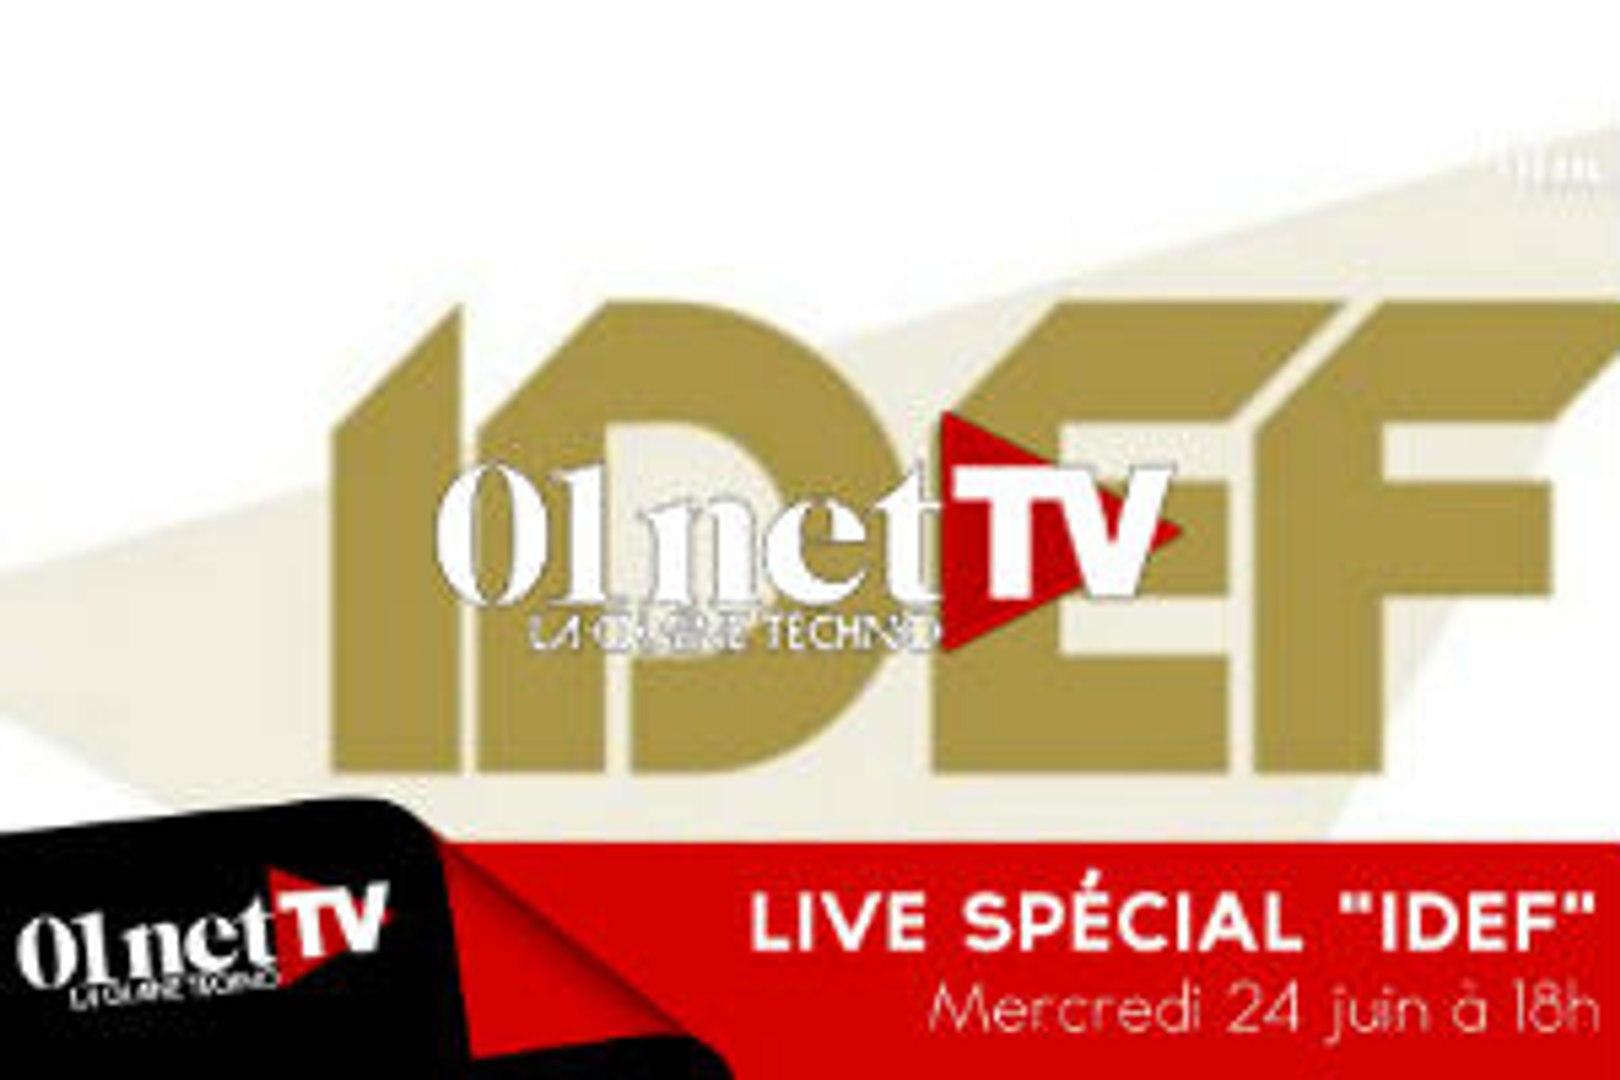 Grand Live spécial jeux vidéo à Cannes (vidéo)